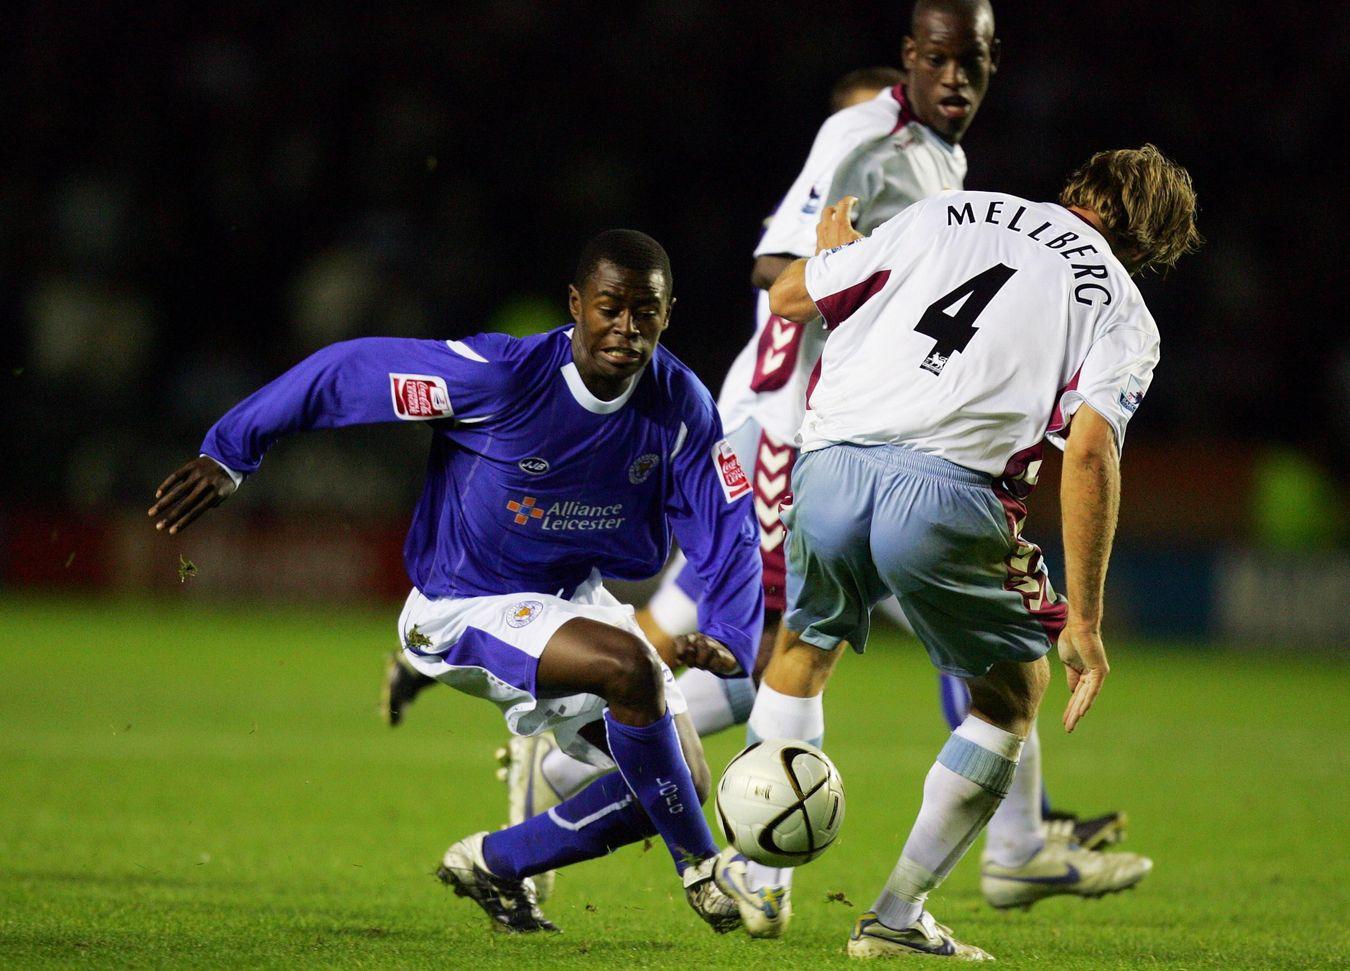 Eric Odhiambo LEI 2006